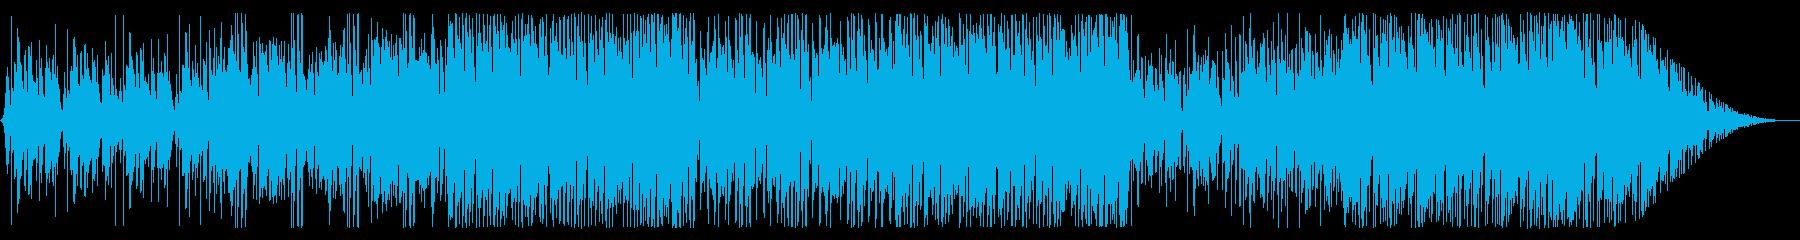 キュート&ポップでエモいEDMの再生済みの波形